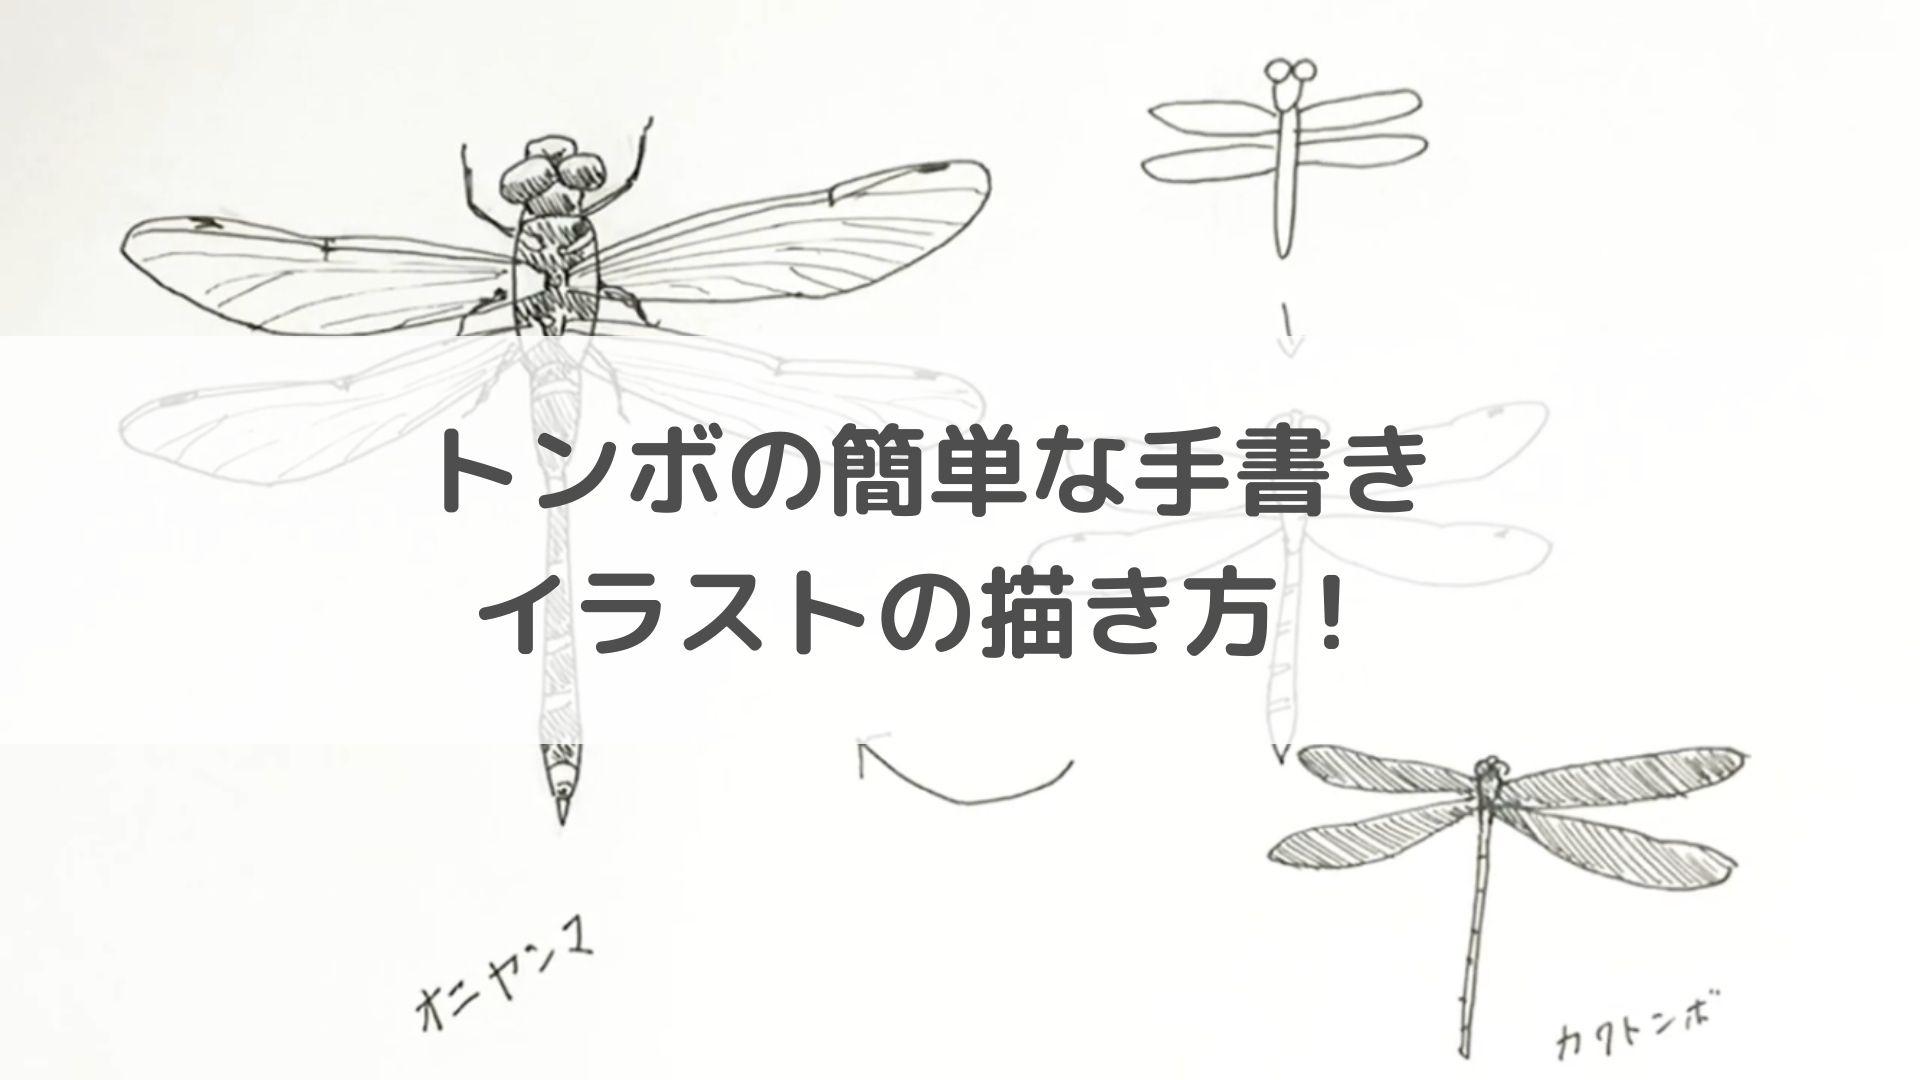 トンボの簡単な手書きイラストの描き方!【水彩色鉛筆とペン】